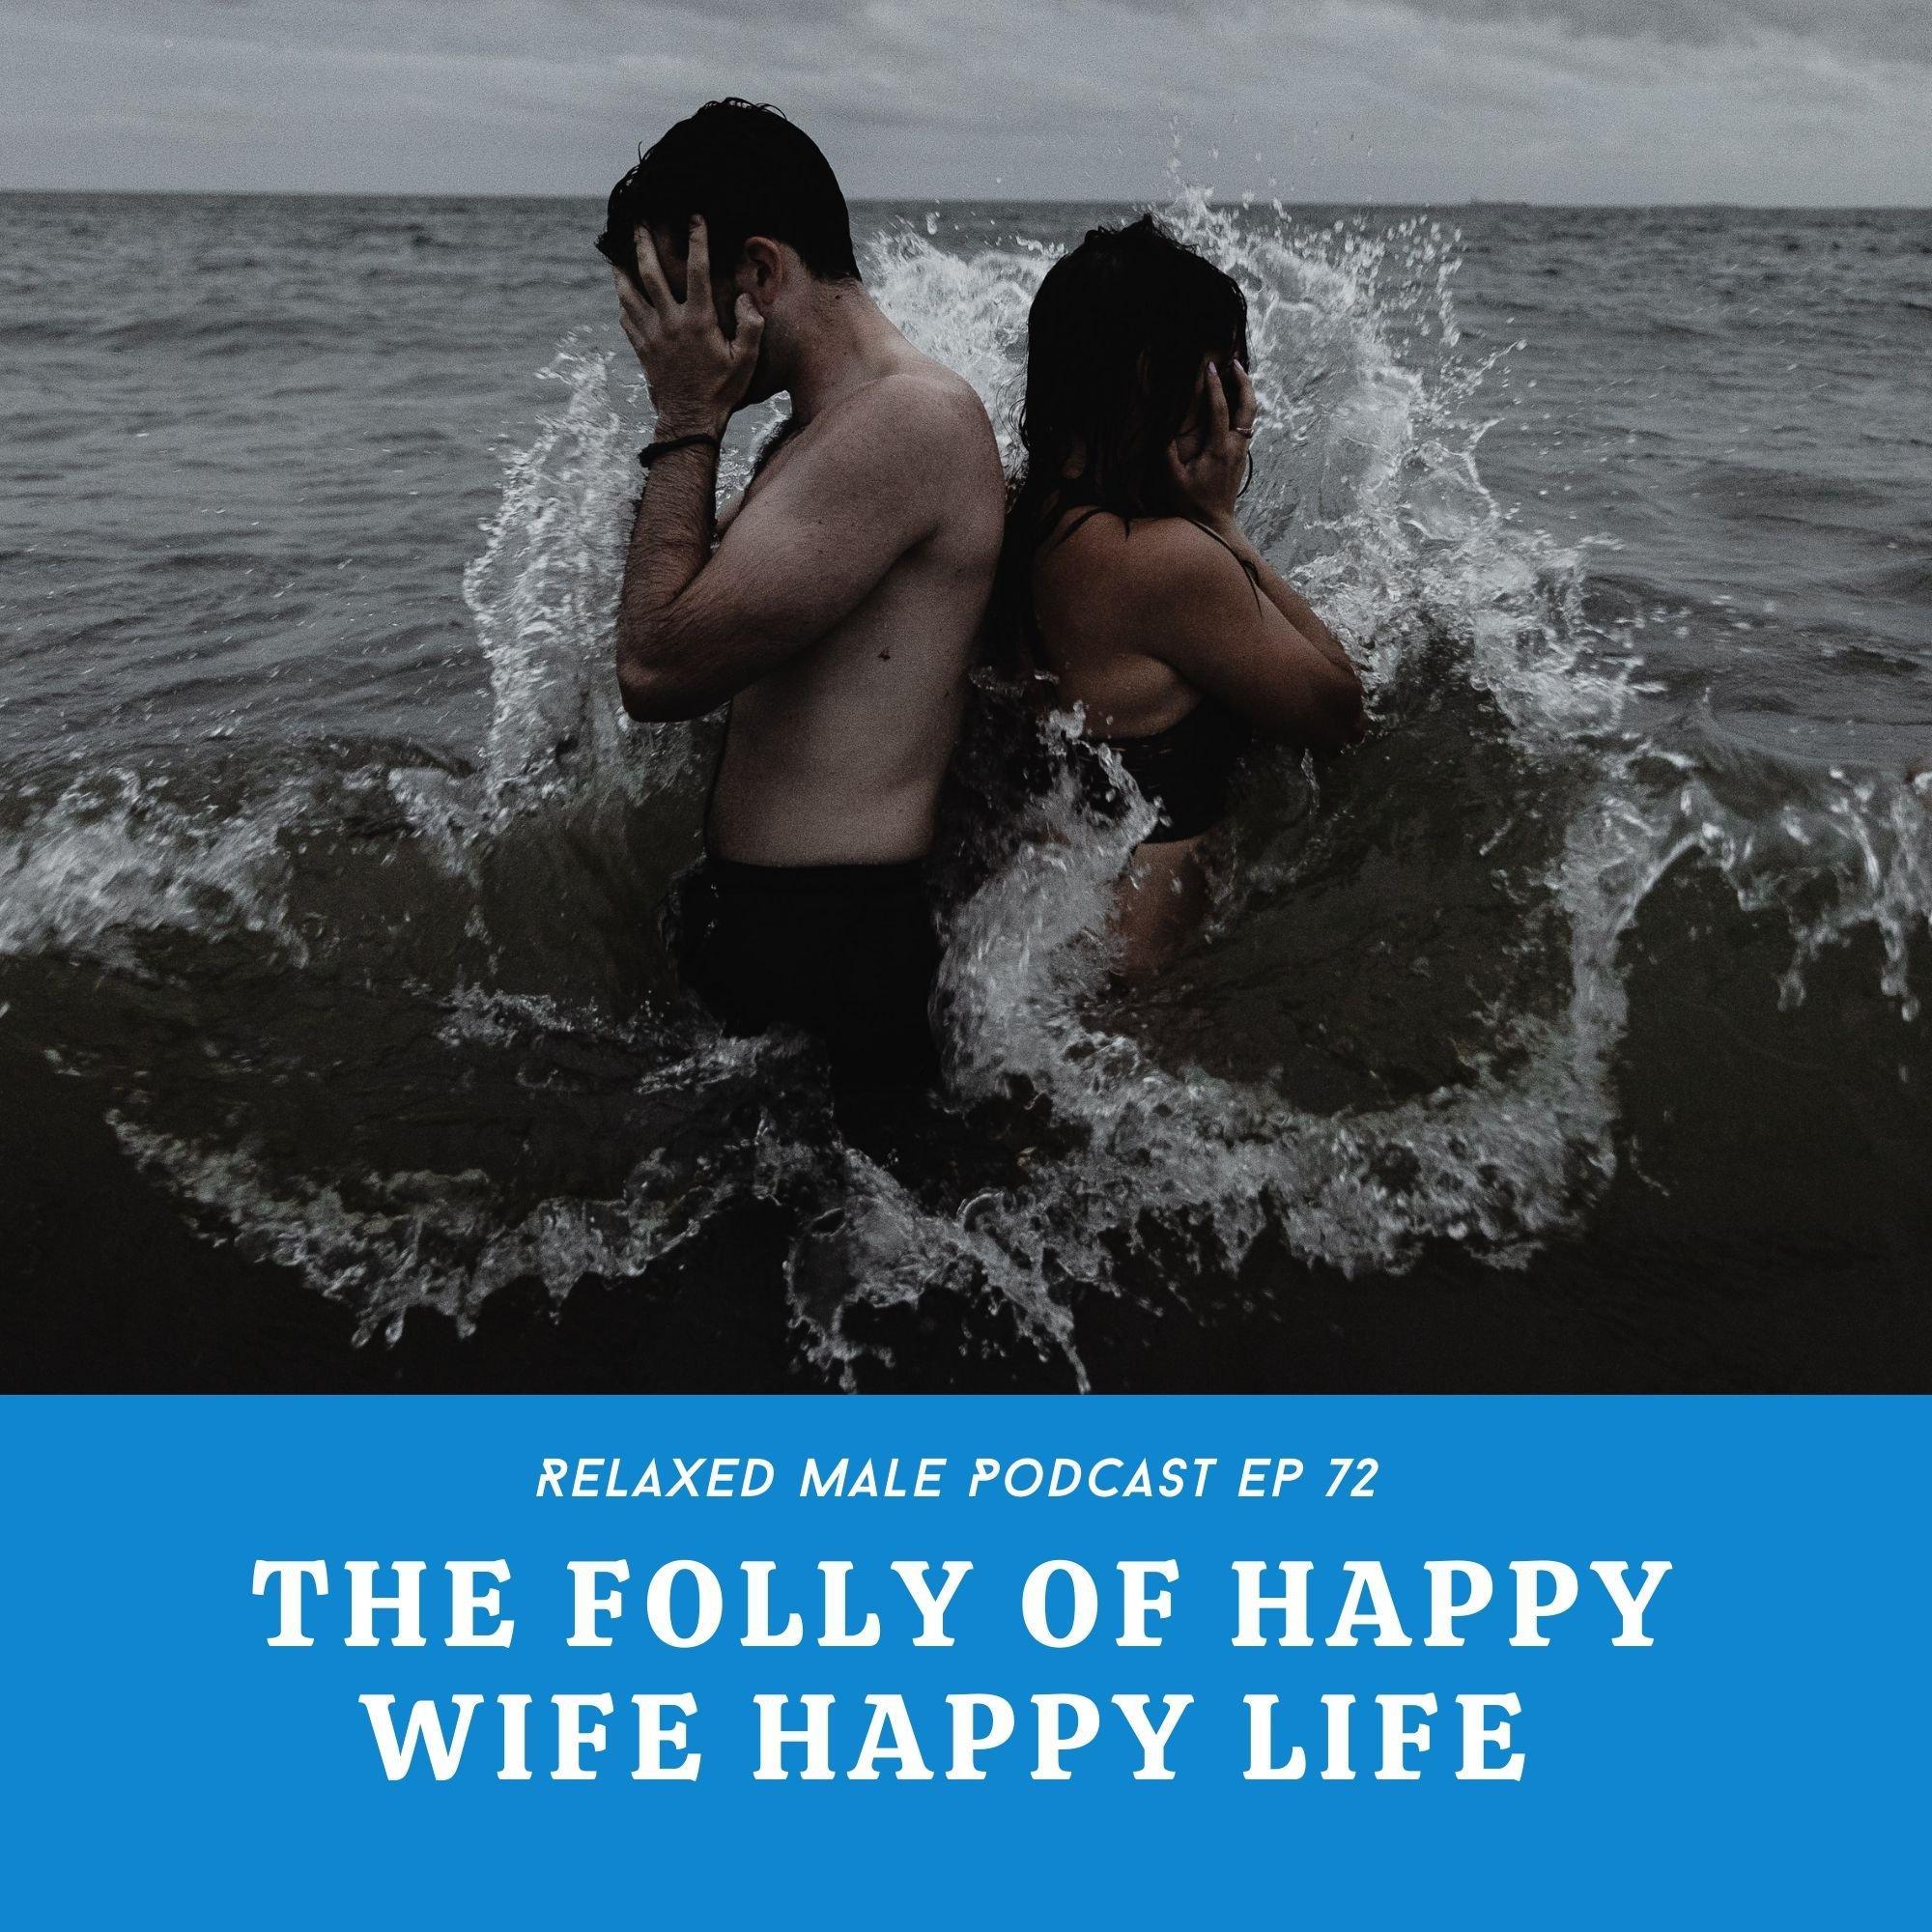 The Folly of Happy Wife Happy Life